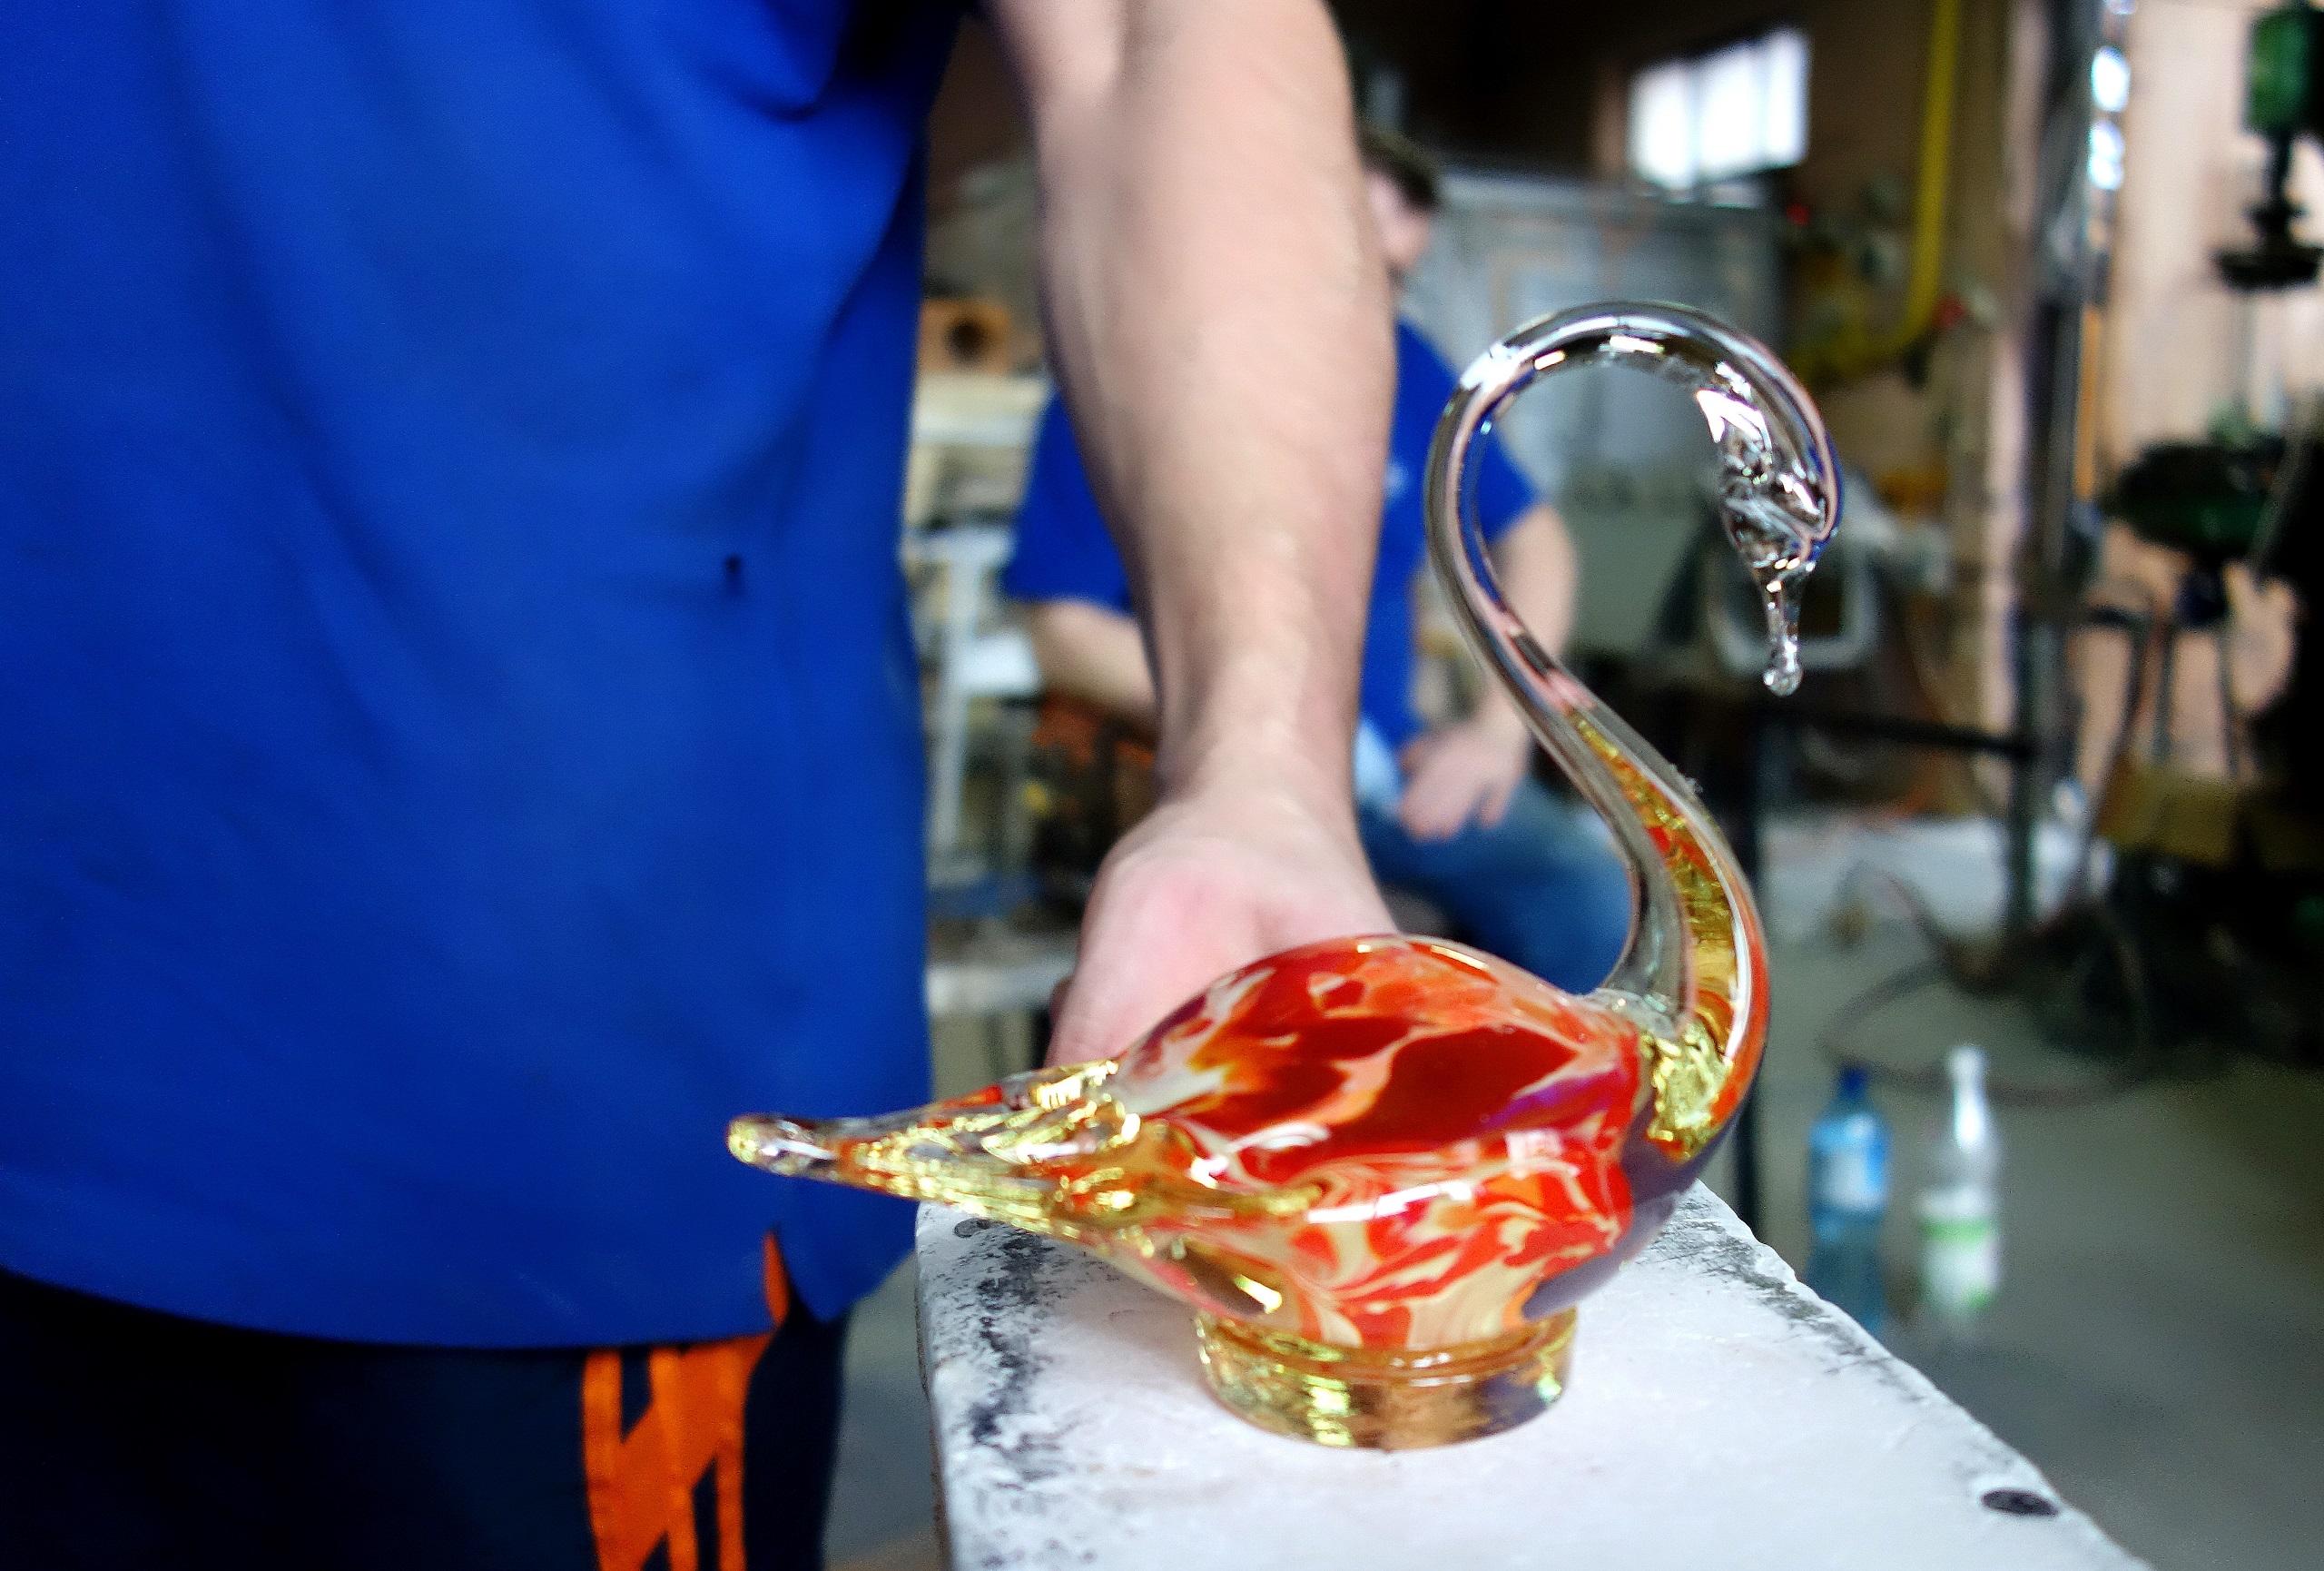 Szklany łabędź w Hucie Szkła w Olsztynku